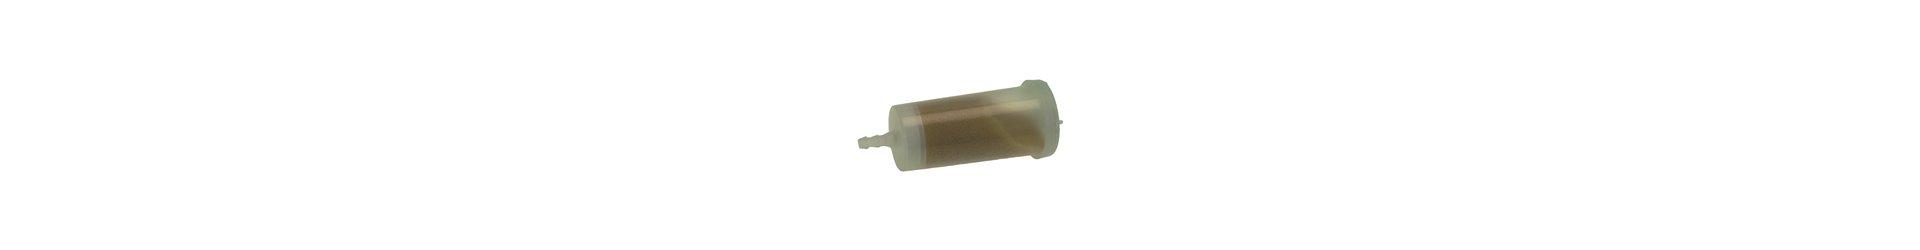 Filtr wody / odkamieniacze / tabletki czyszczące